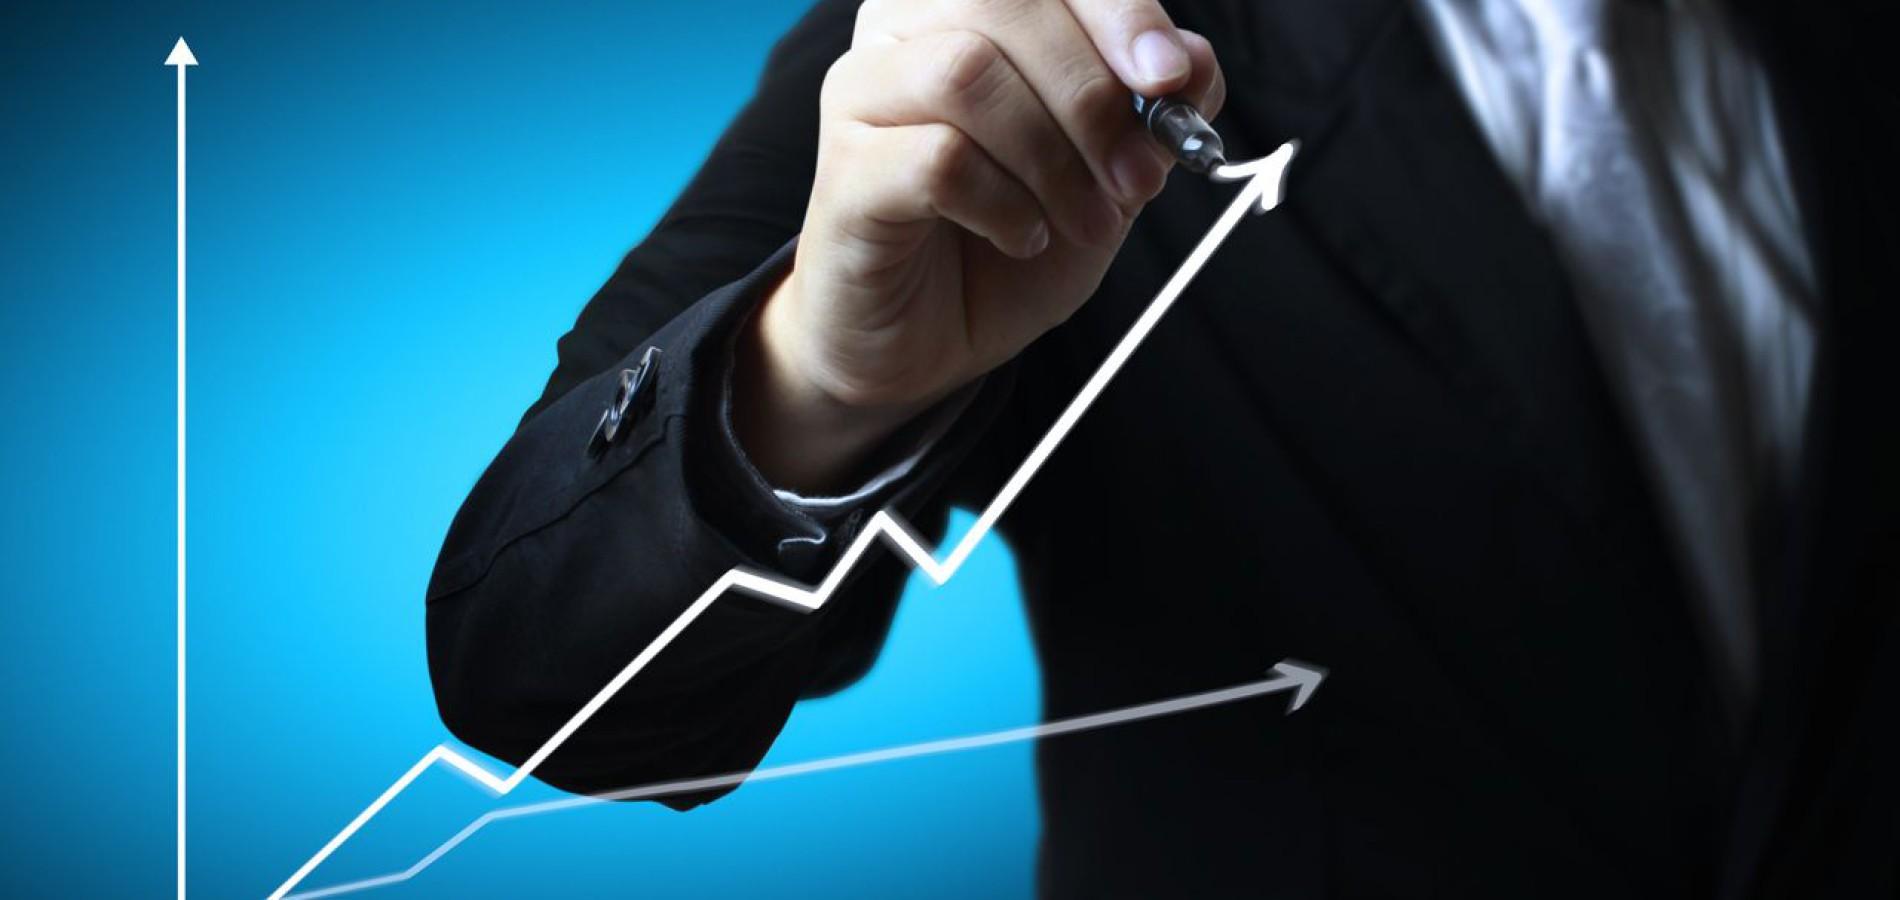 Видео заседания Столыпинского клуба «Экономика роста: Механизмы реализации. Вопросы. Решения»